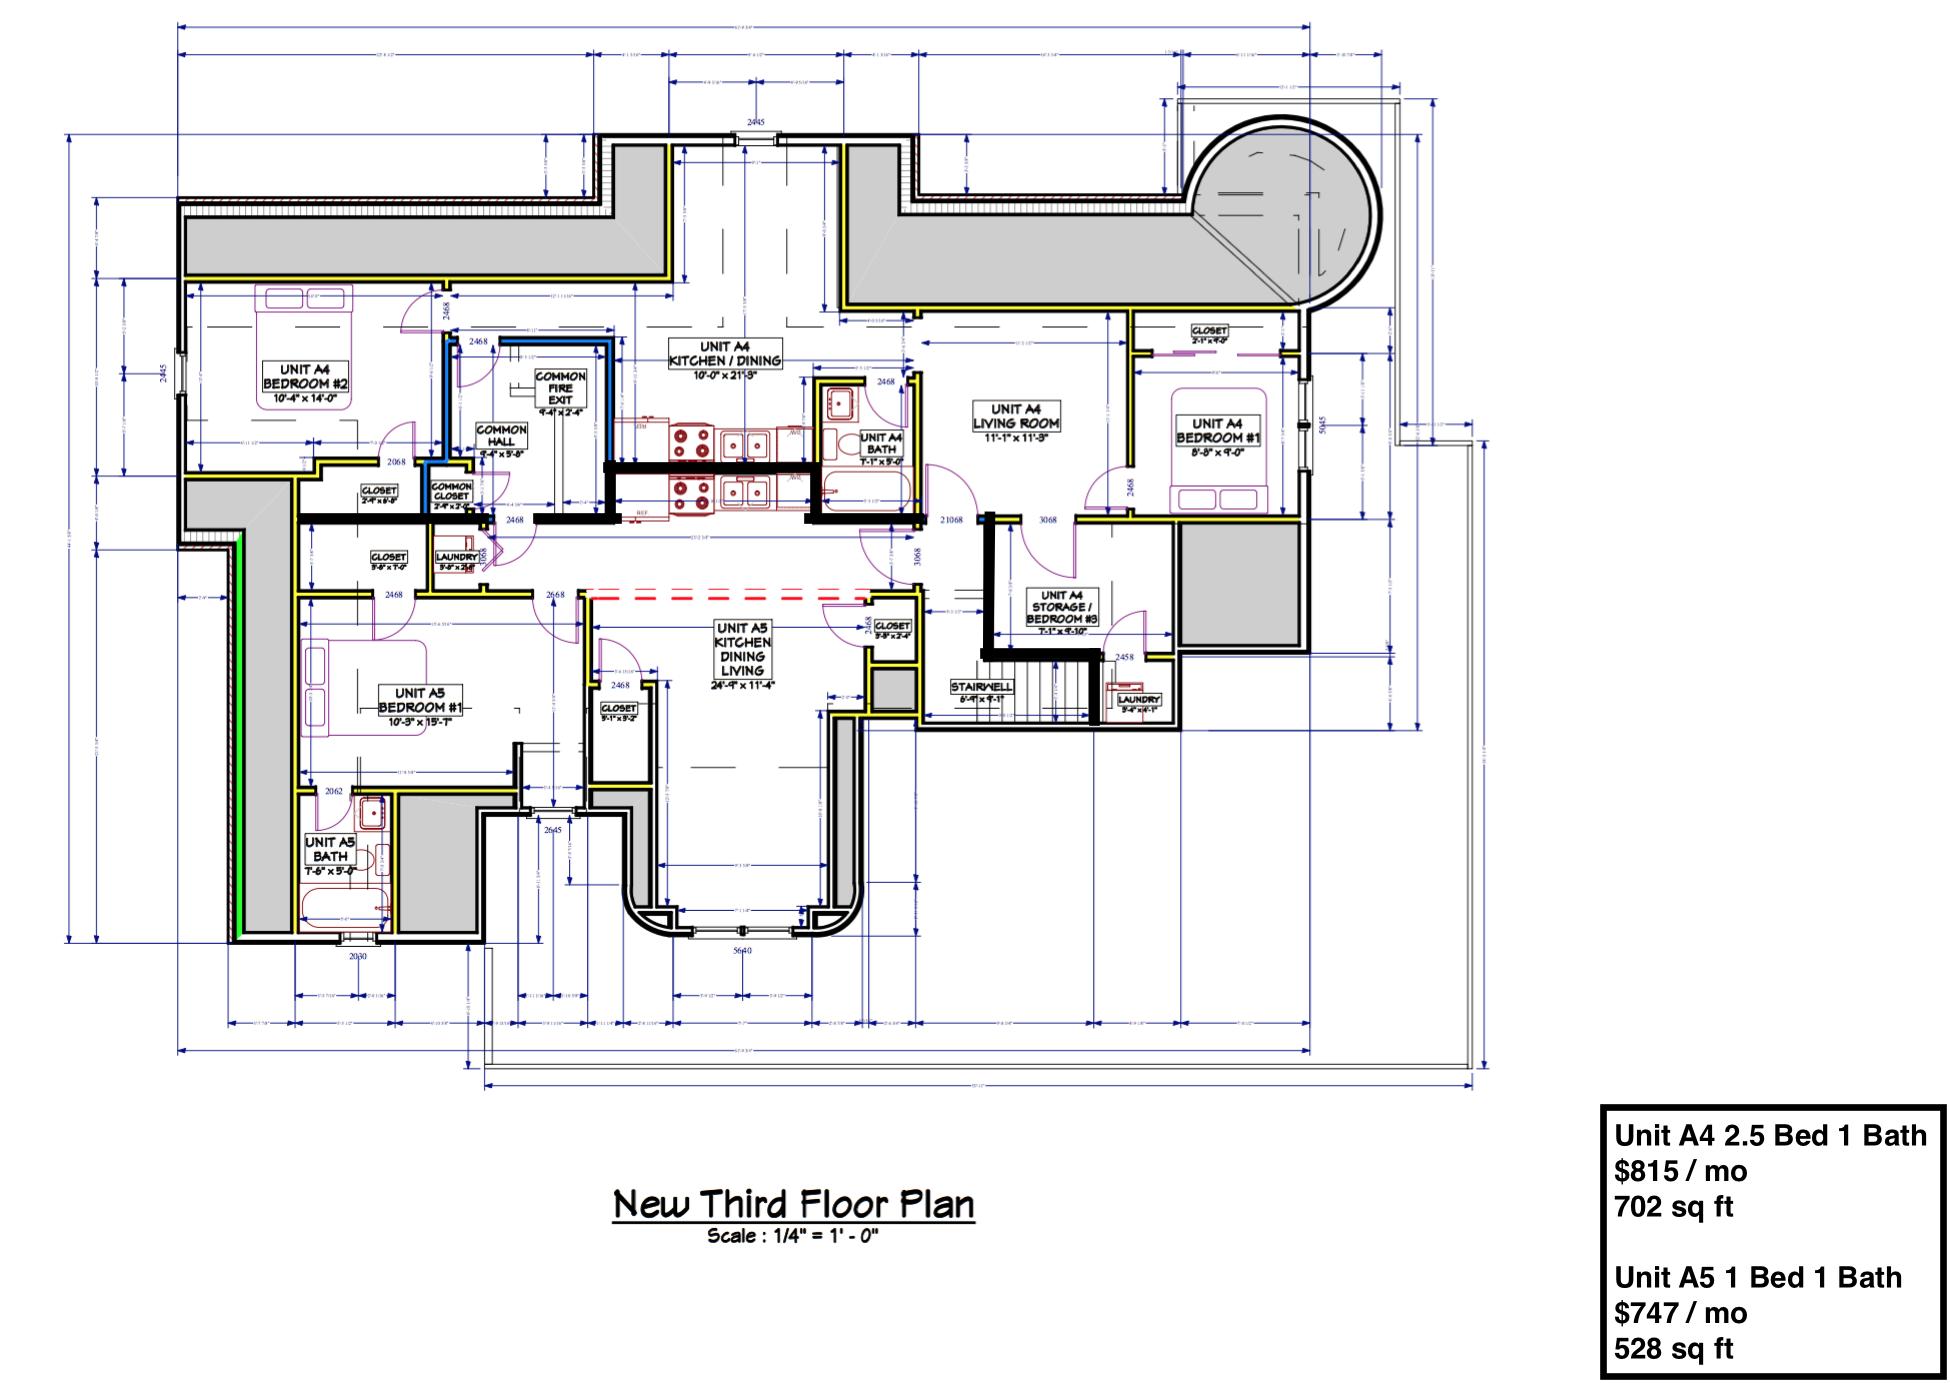 New Third Floor Plan.png